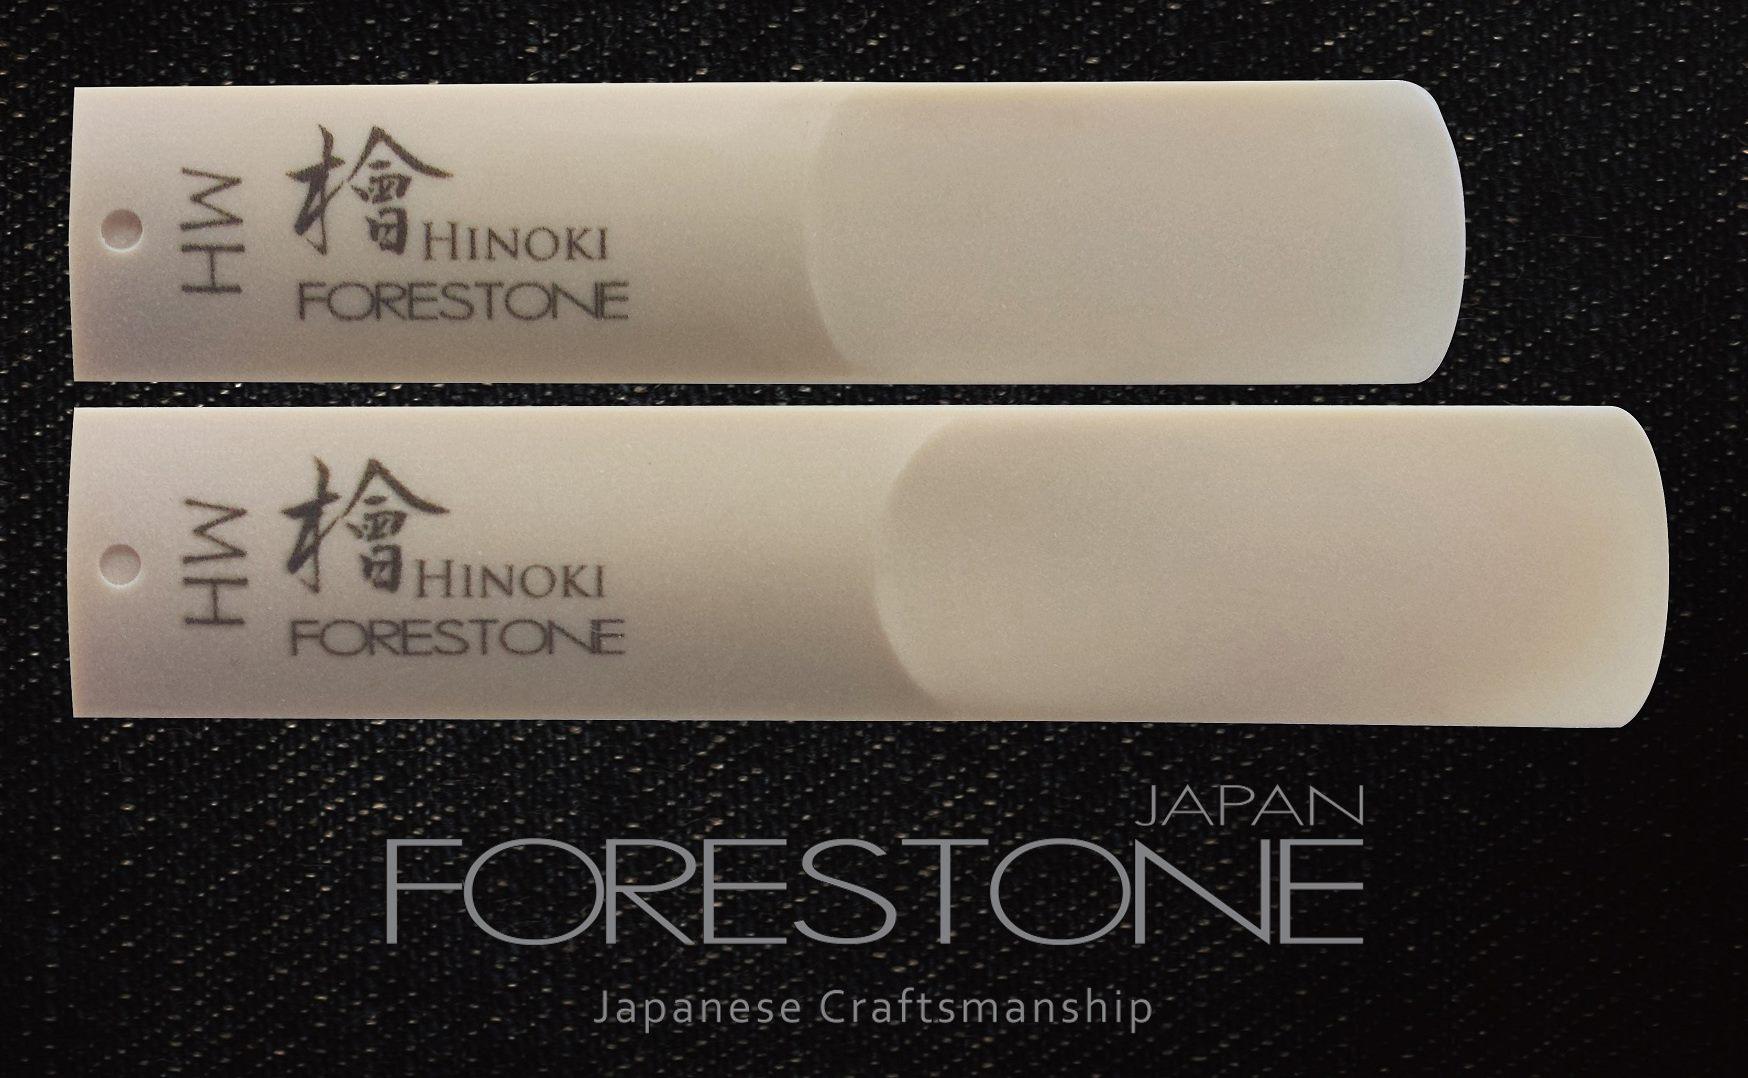 Forestone – Jaapani töömeisterlikkus